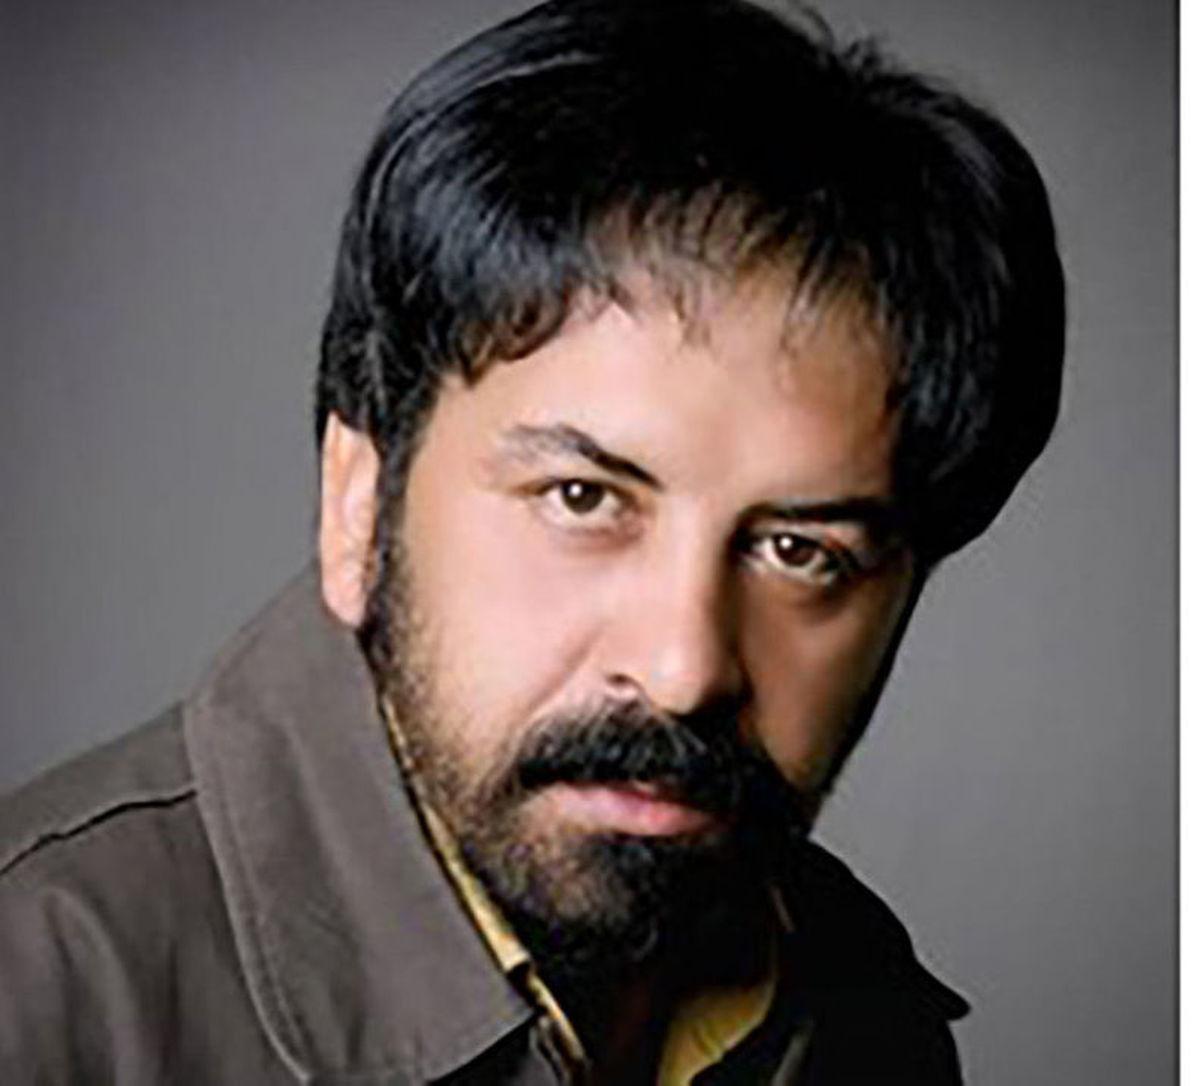 مجید صادقی هنرمند معروف درگذشت